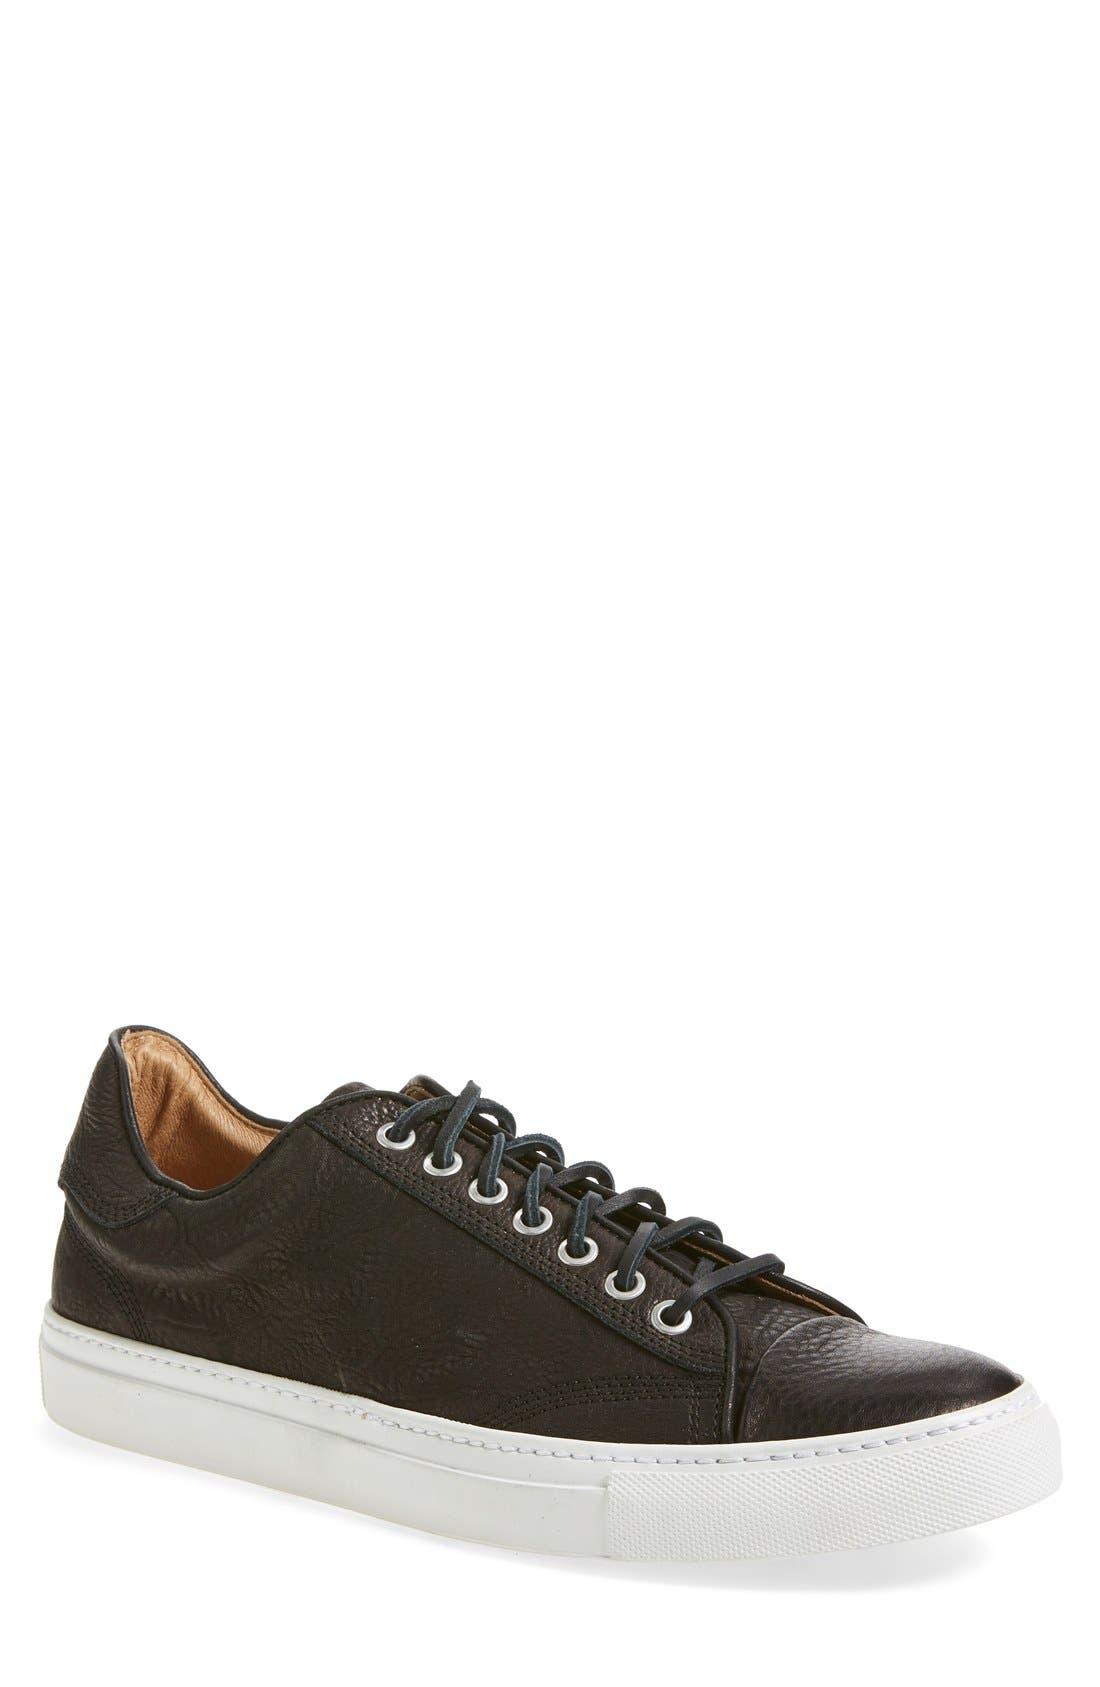 Low Top Sneaker,                         Main,                         color, 003